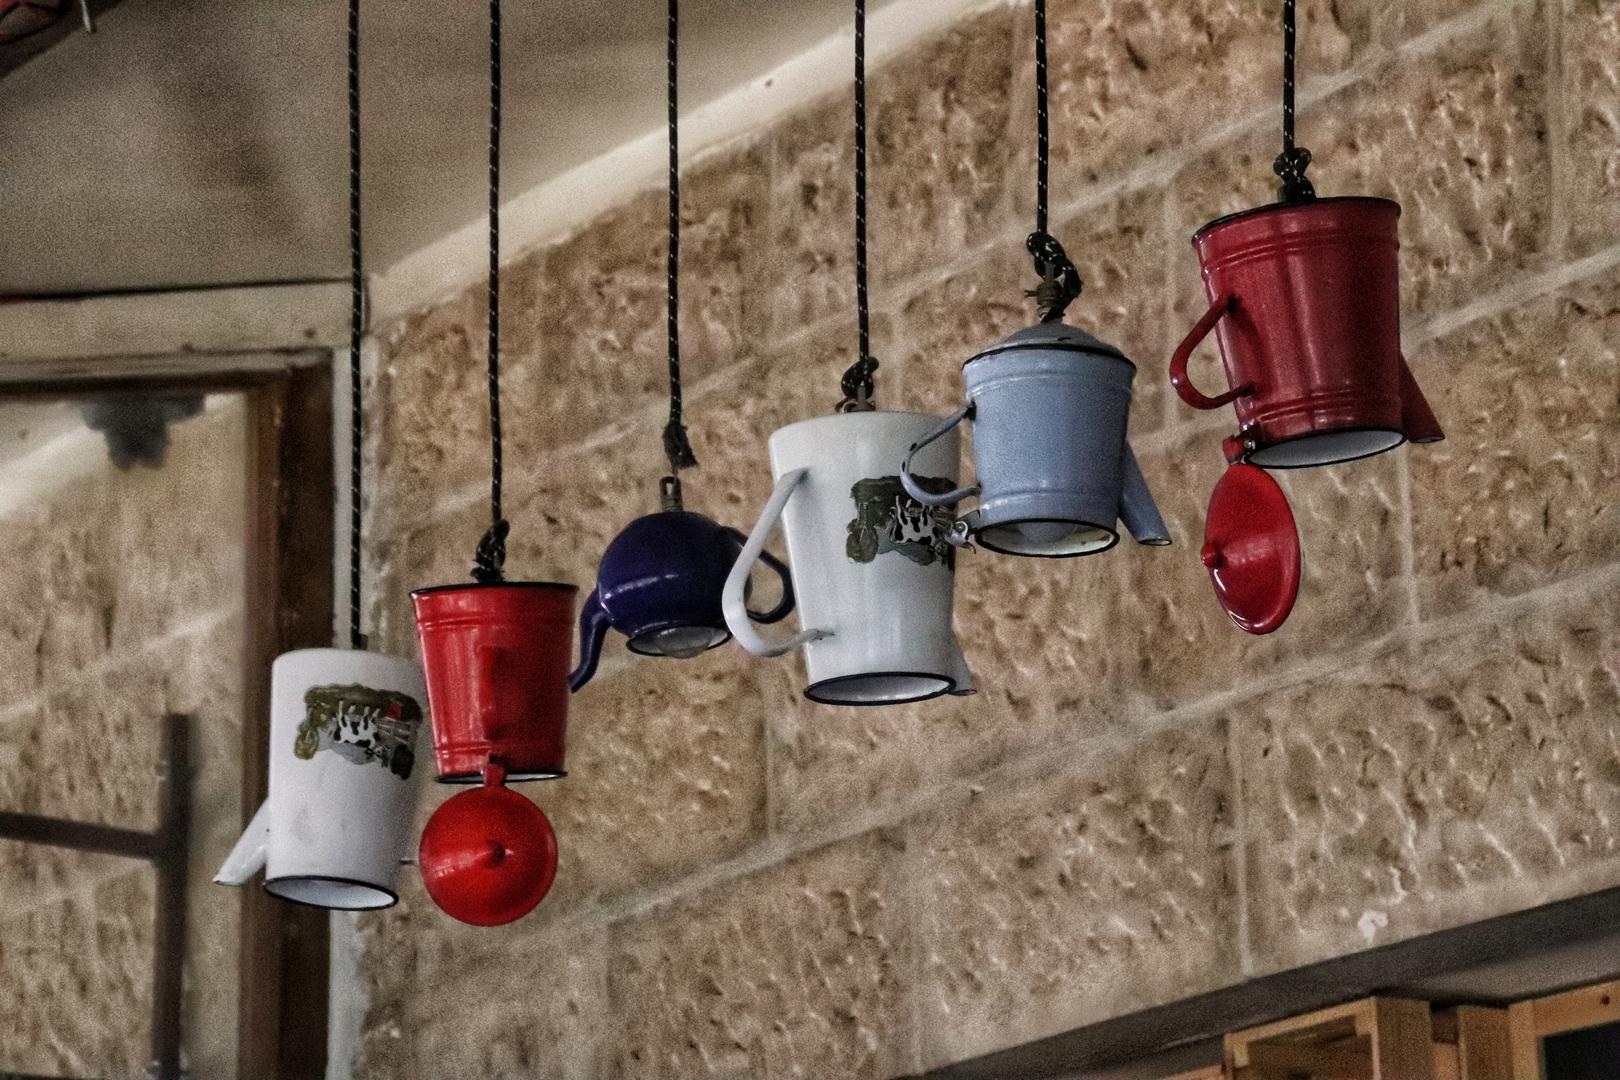 Jordanie - Décoration théières dans un café au pied du château d'Ajlun